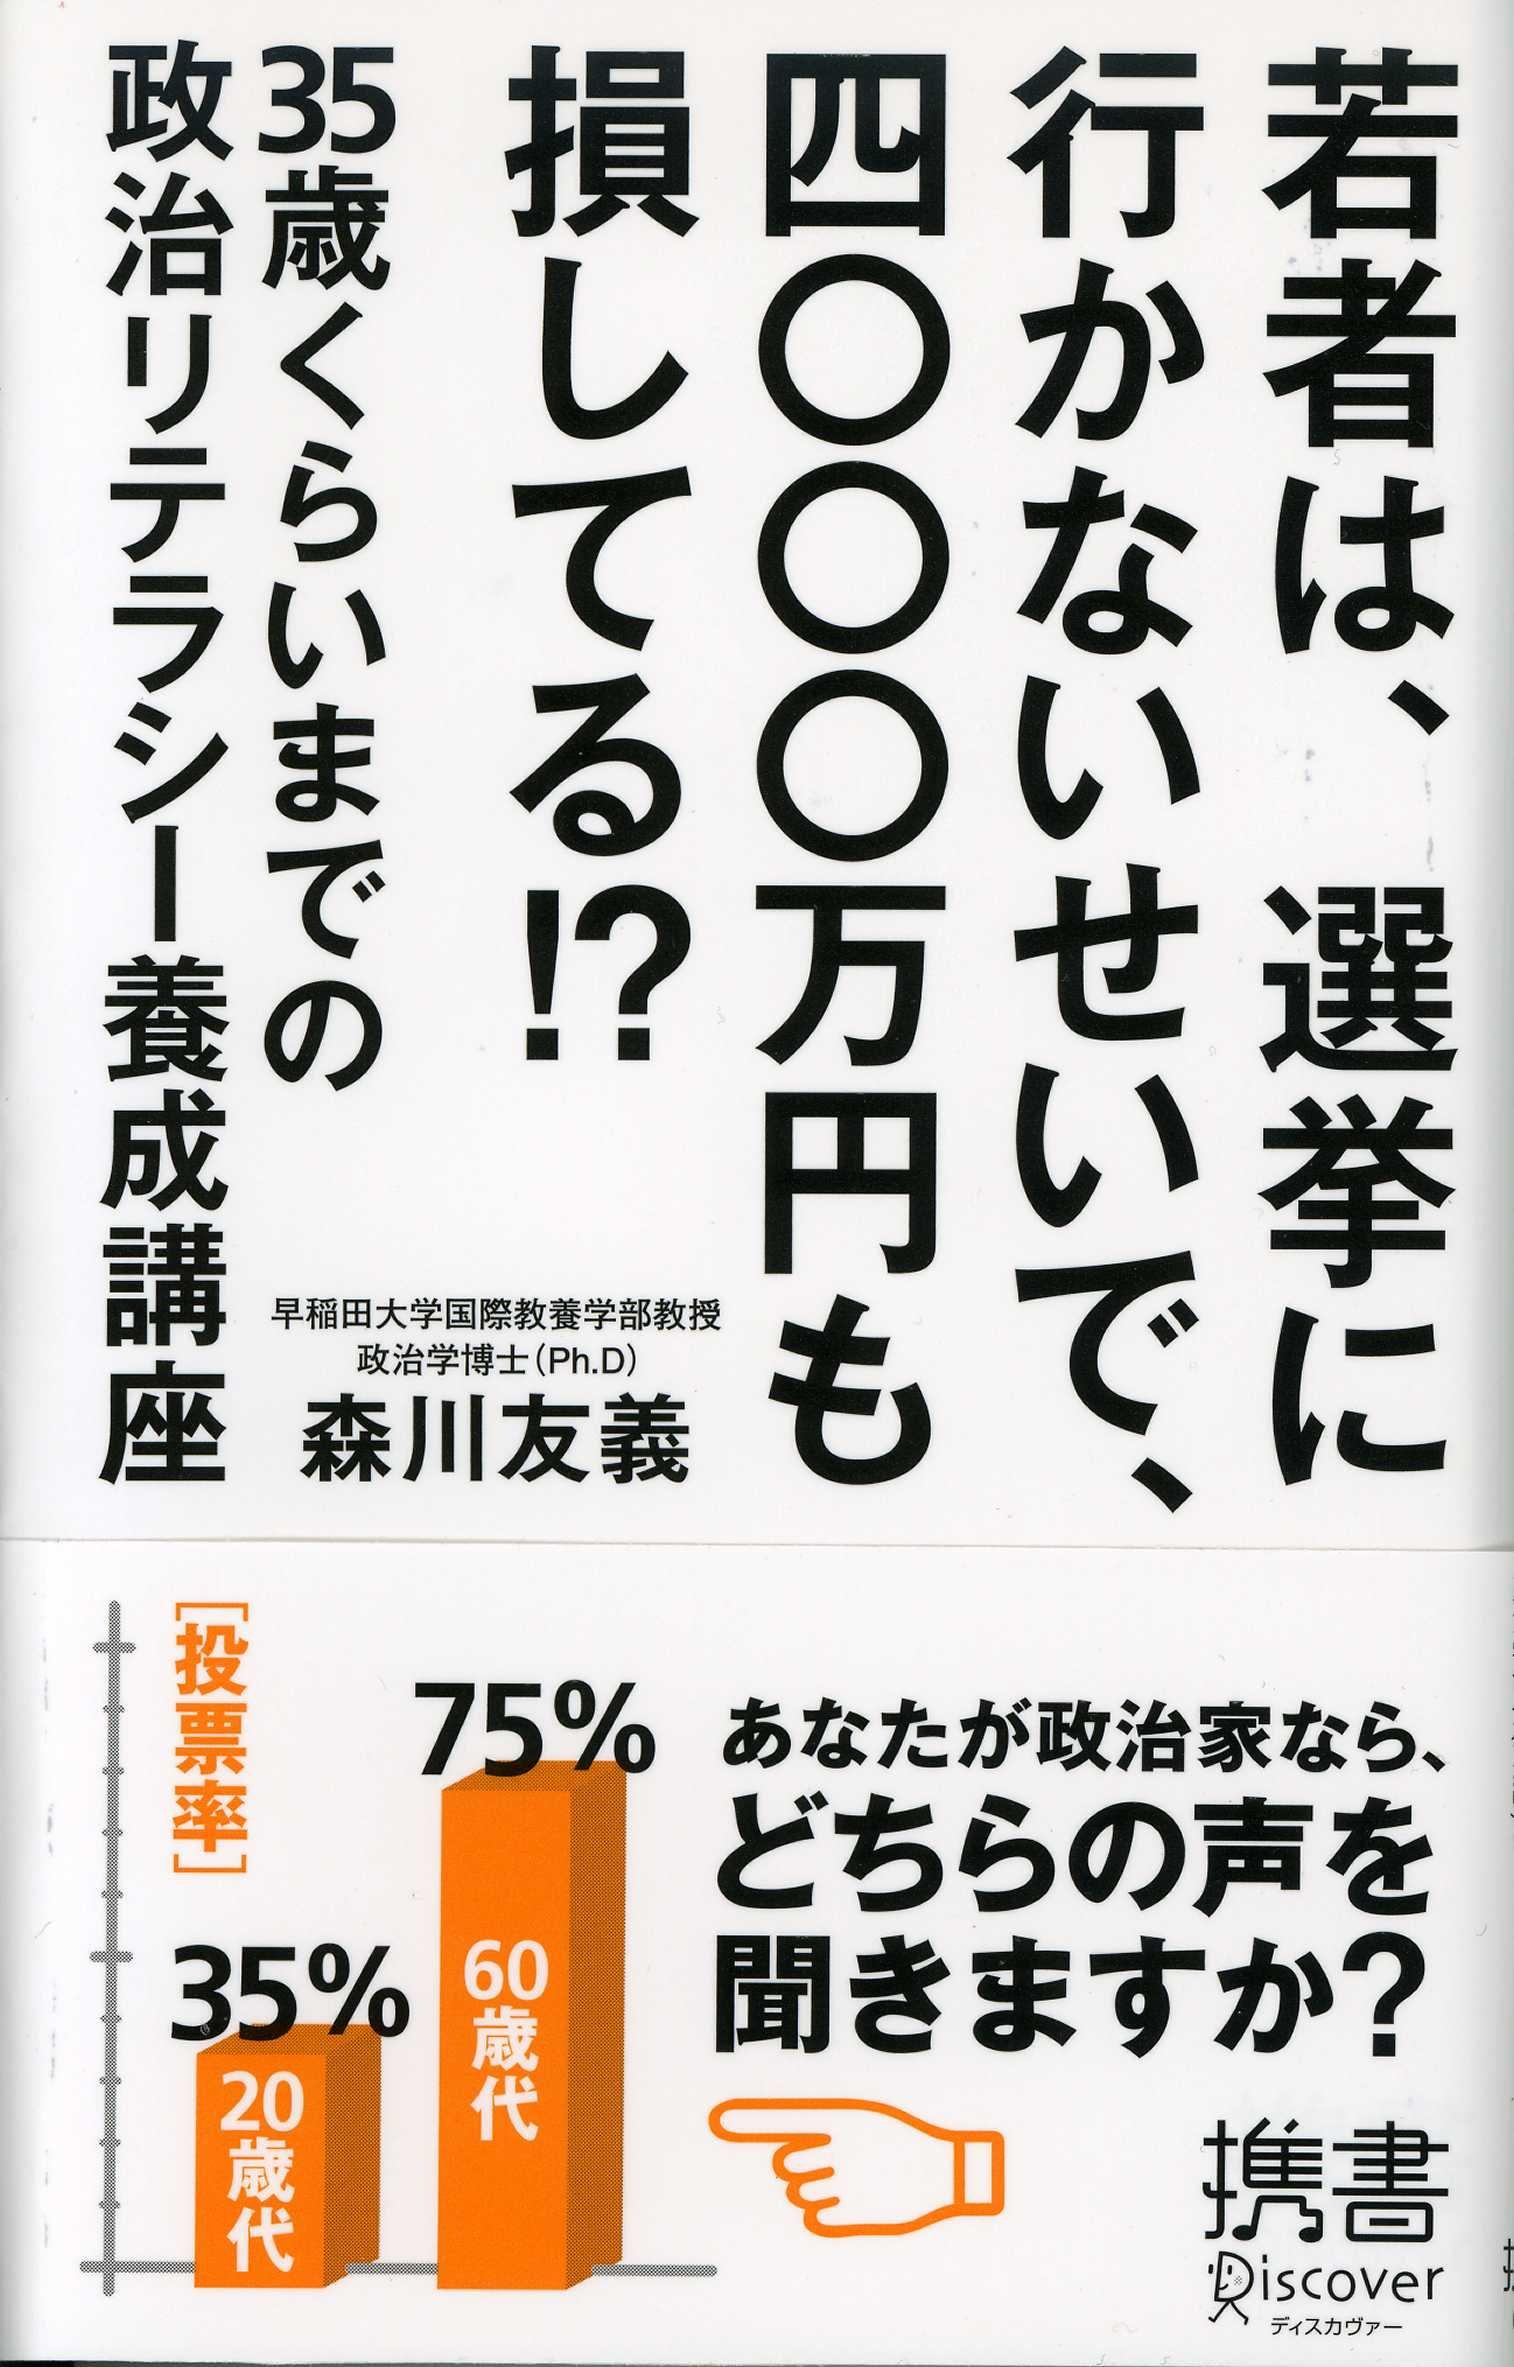 若者は、選挙に行かないせいで、四〇〇〇万円も損してる ...